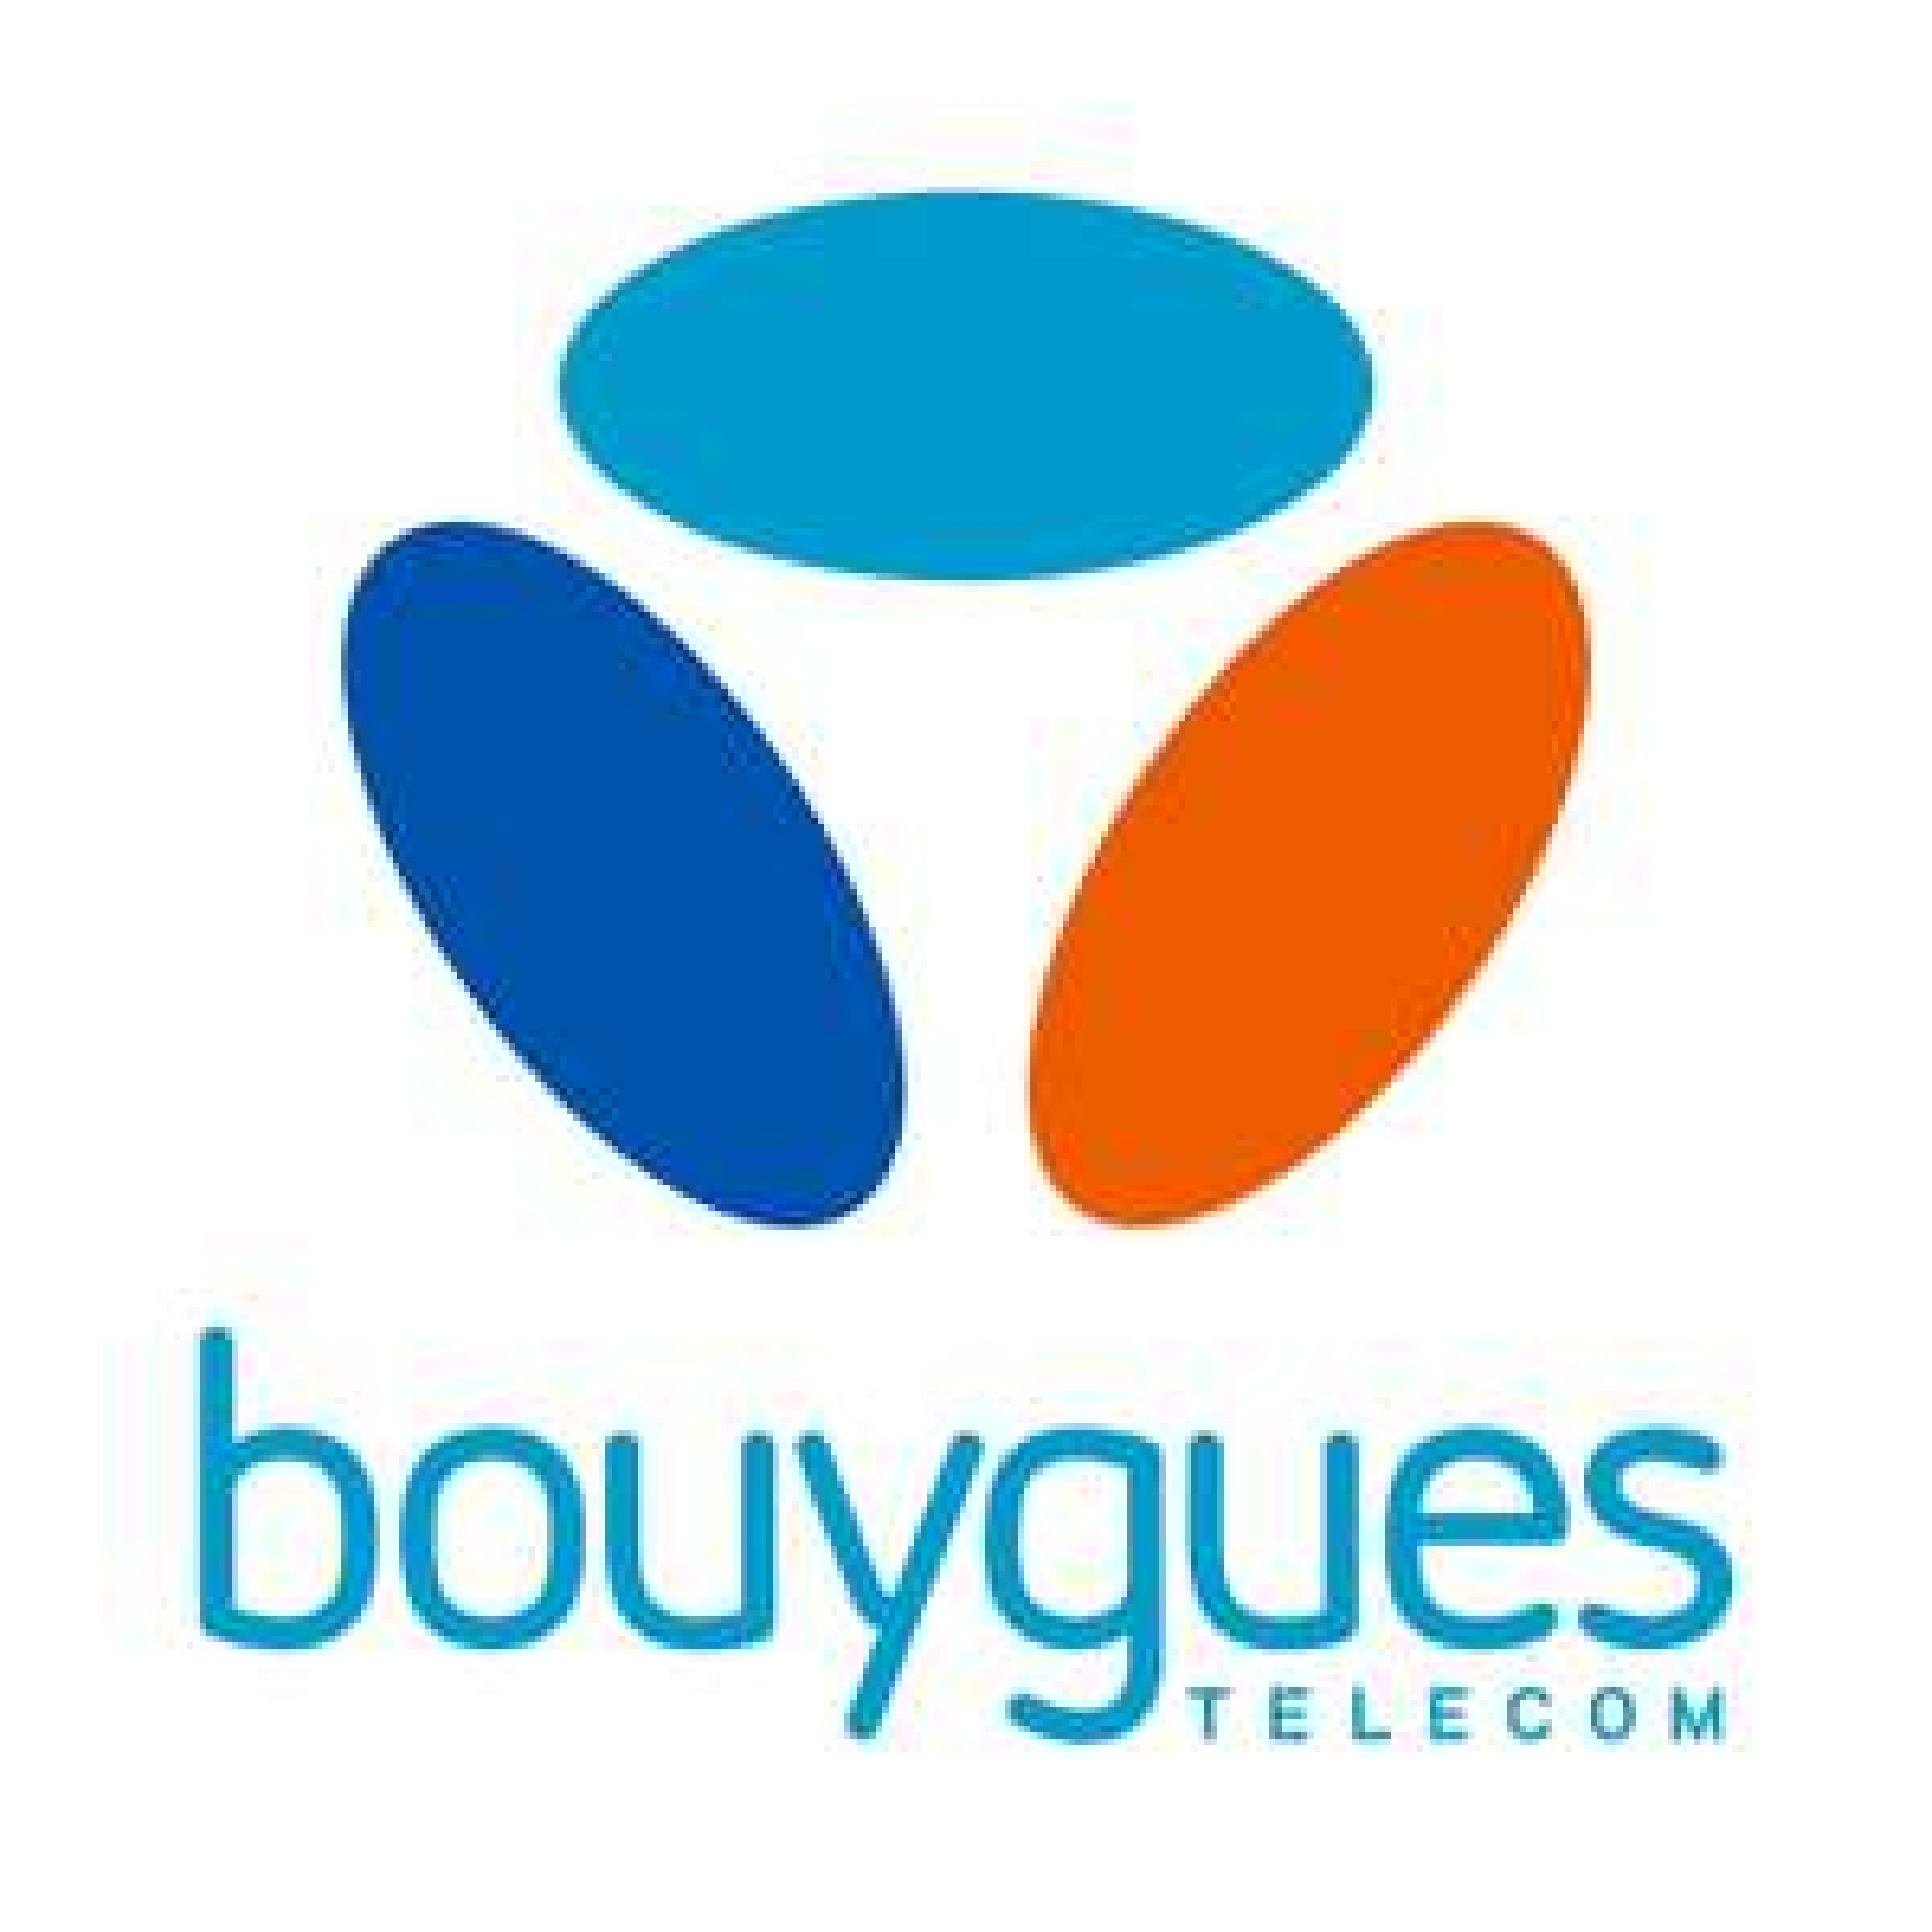 [Nouveaux Clients] Forfait mensuel B&You Appels/SMS/MMS illimités + 20 Go en 4G (1 Go en Europe/DOM) - Pendant 12 mois (Sans engagement)